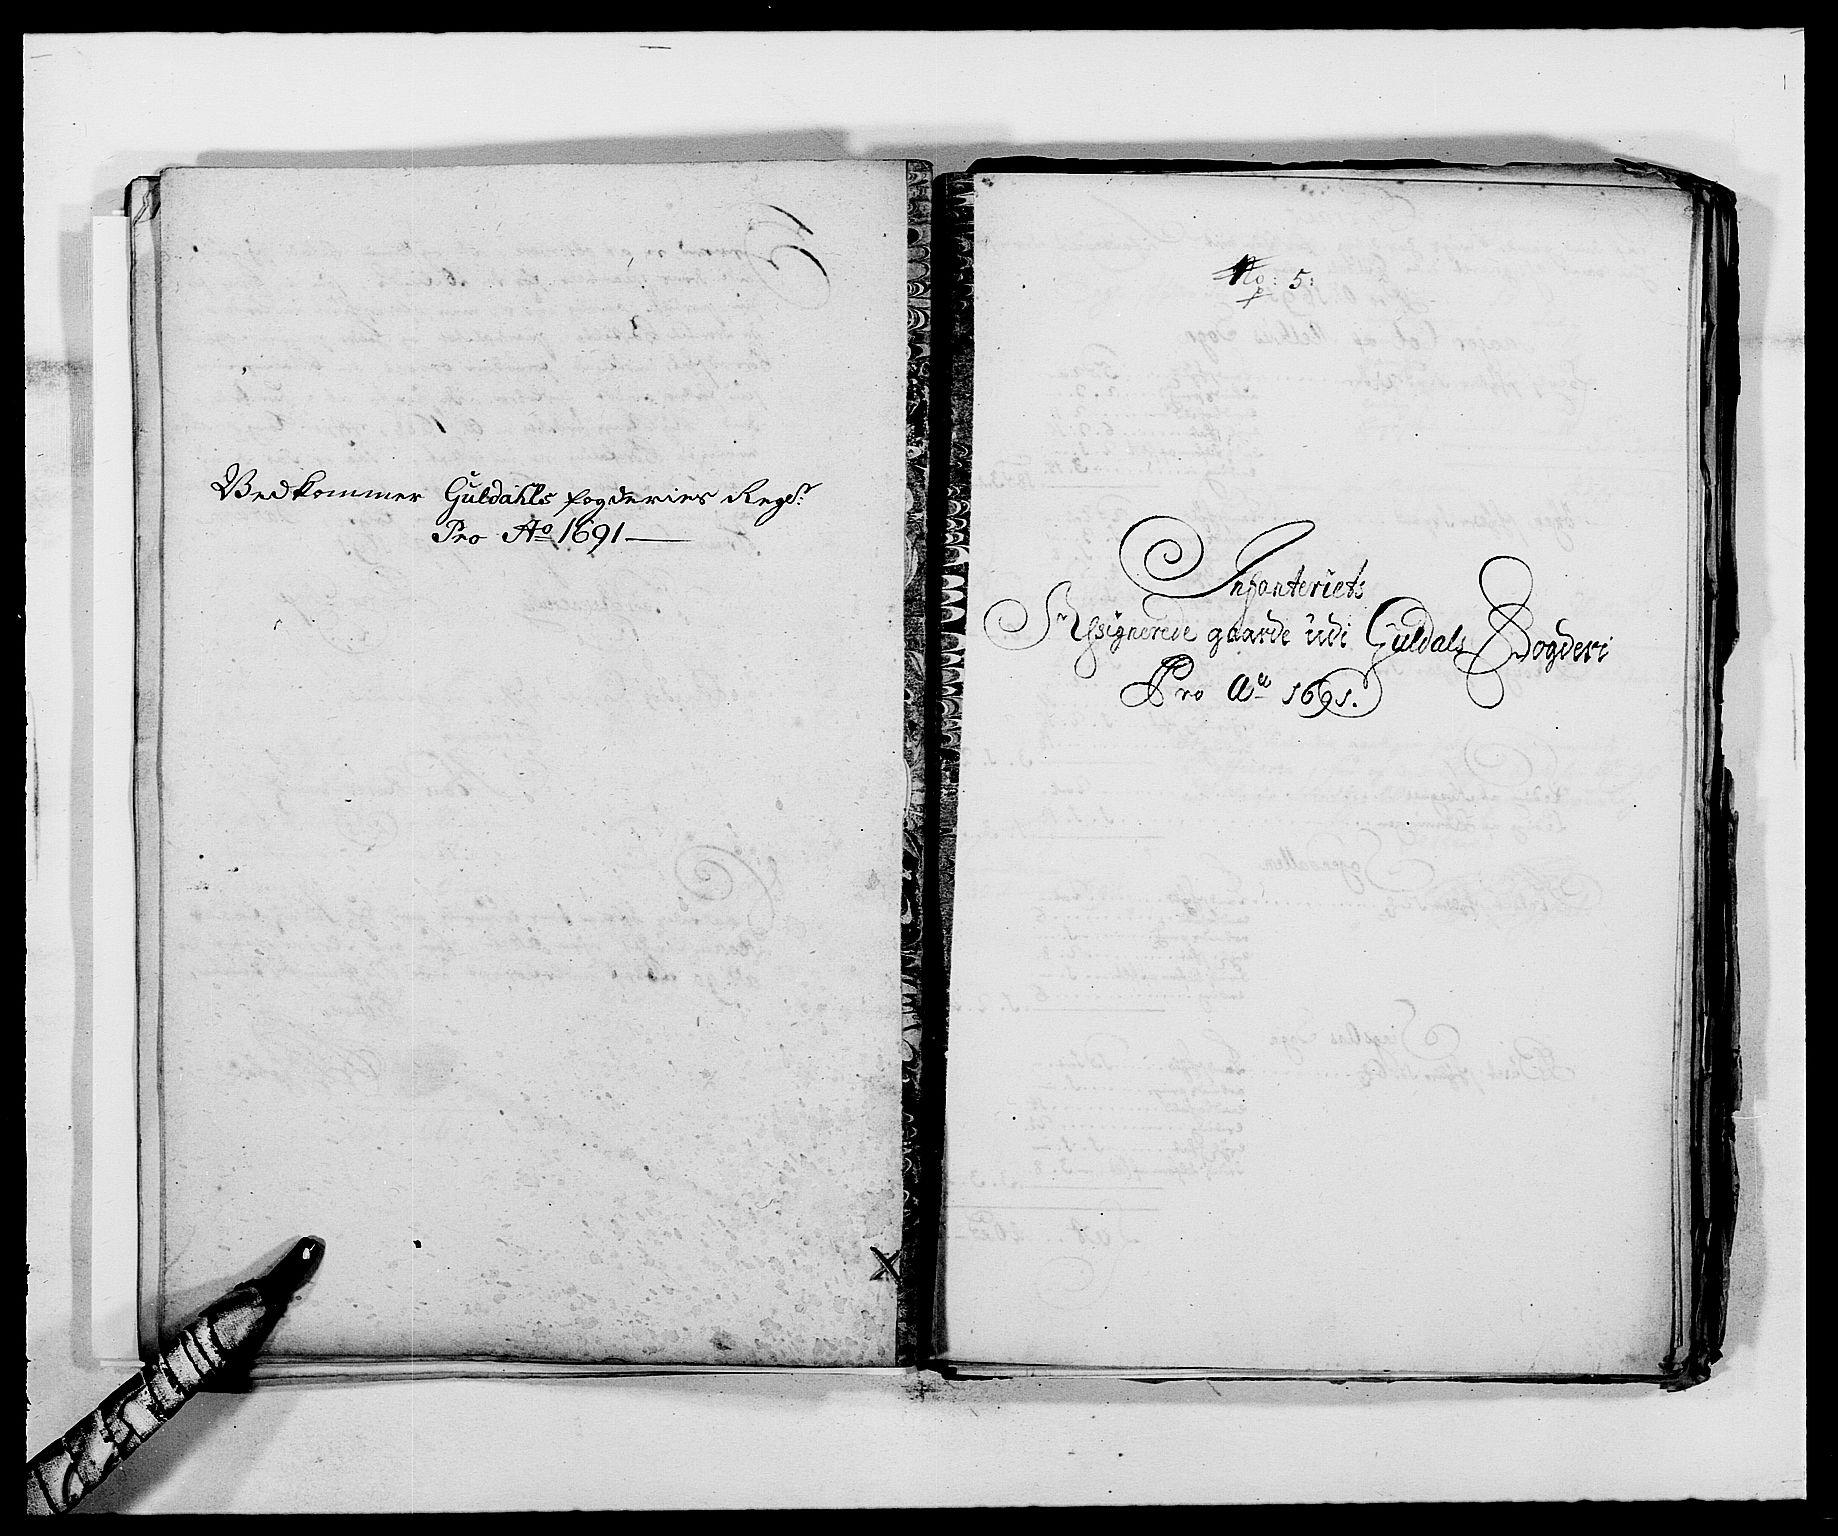 RA, Rentekammeret inntil 1814, Reviderte regnskaper, Fogderegnskap, R59/L3941: Fogderegnskap Gauldal, 1691, s. 191